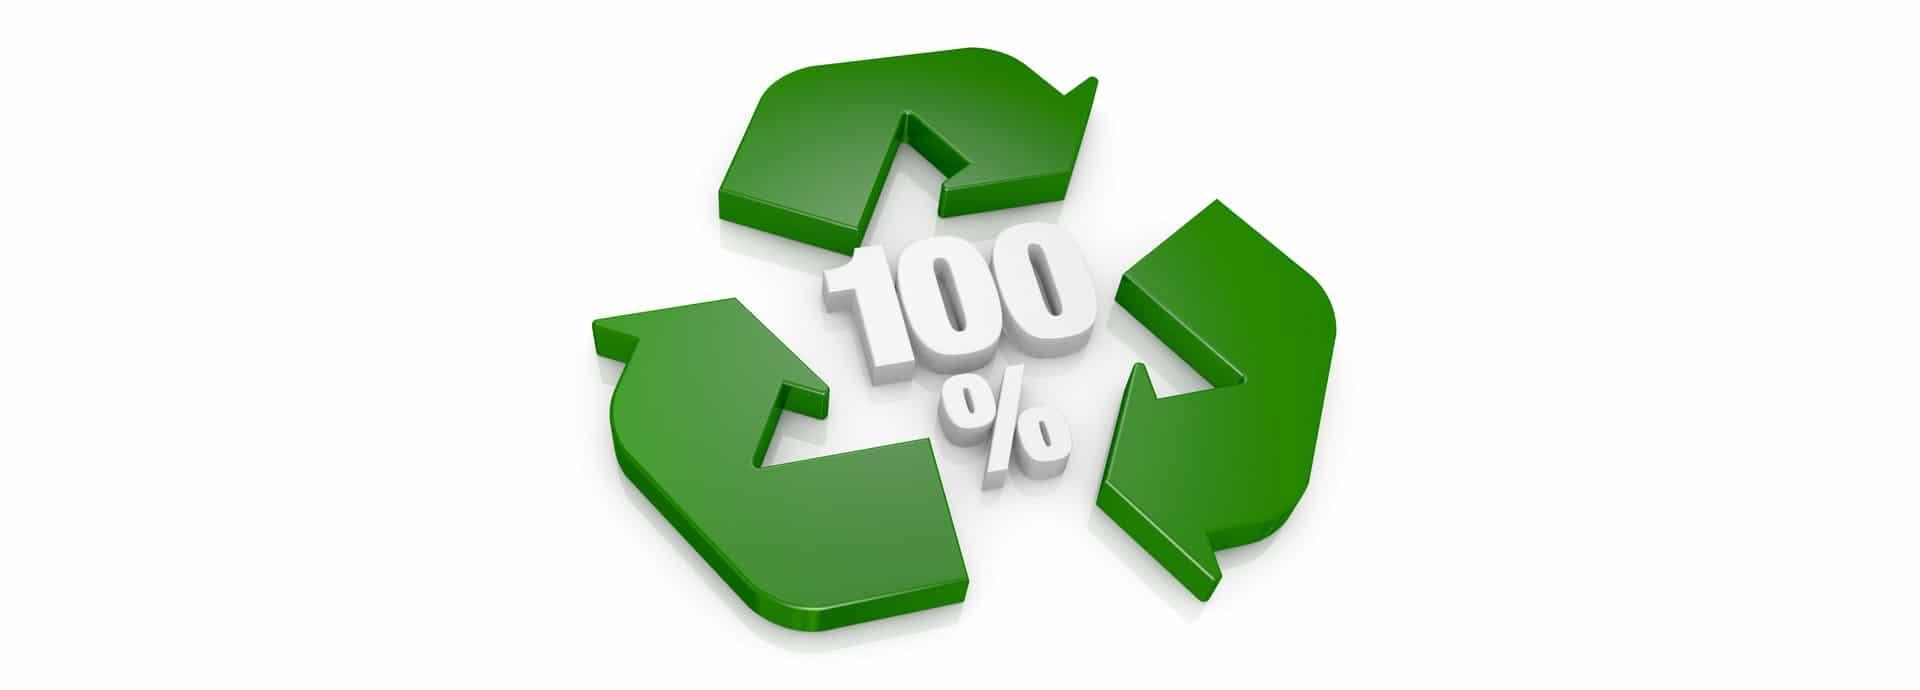 Ewaste Recycling - 100% Environment Free